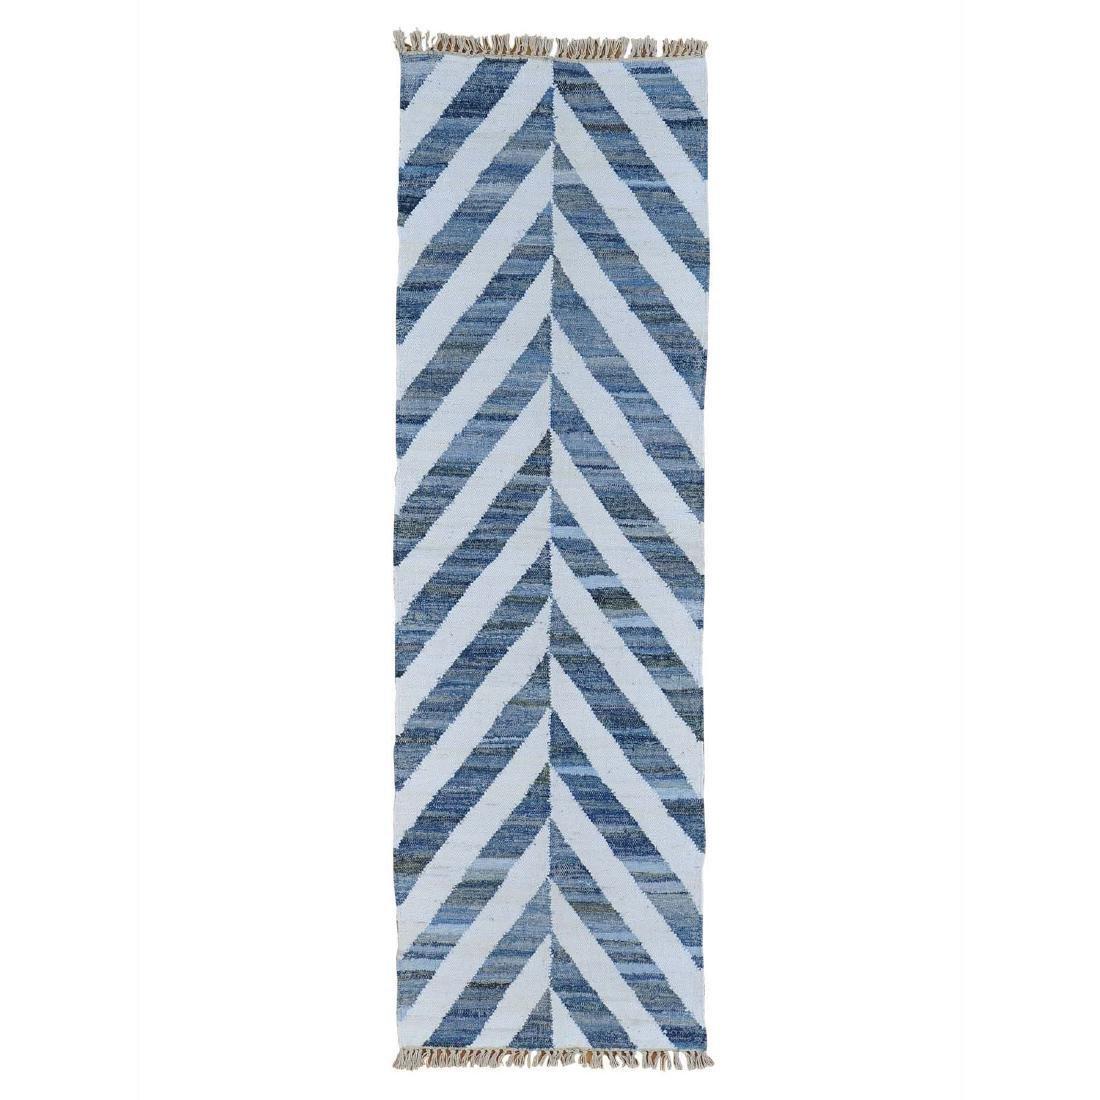 Runner Handmade Durie Kilim Denim Jeans Rug 2.7x8.3